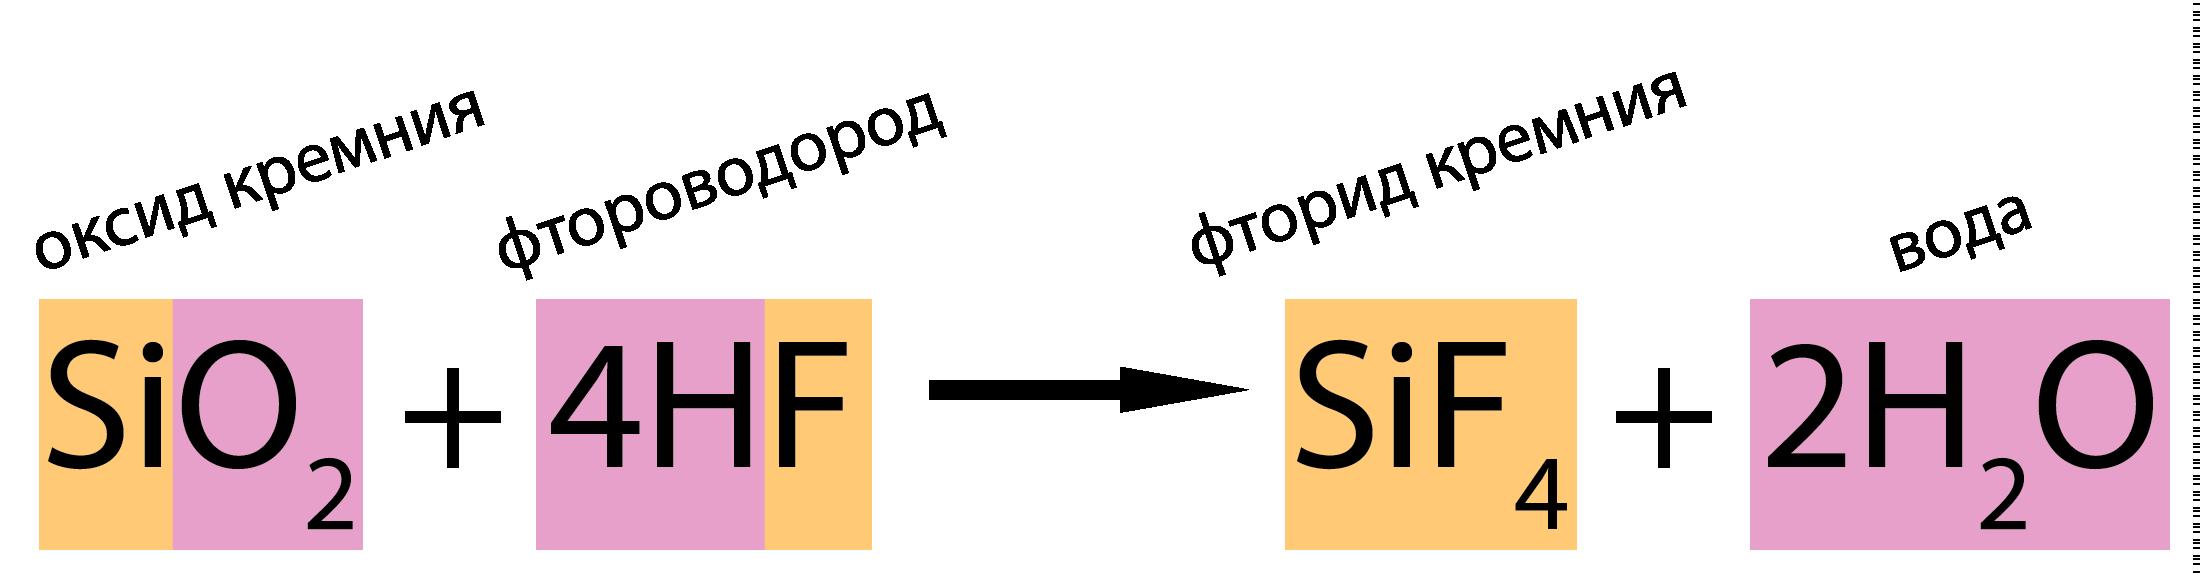 оксид кремния (IV) взаимодействует с фтороводородом